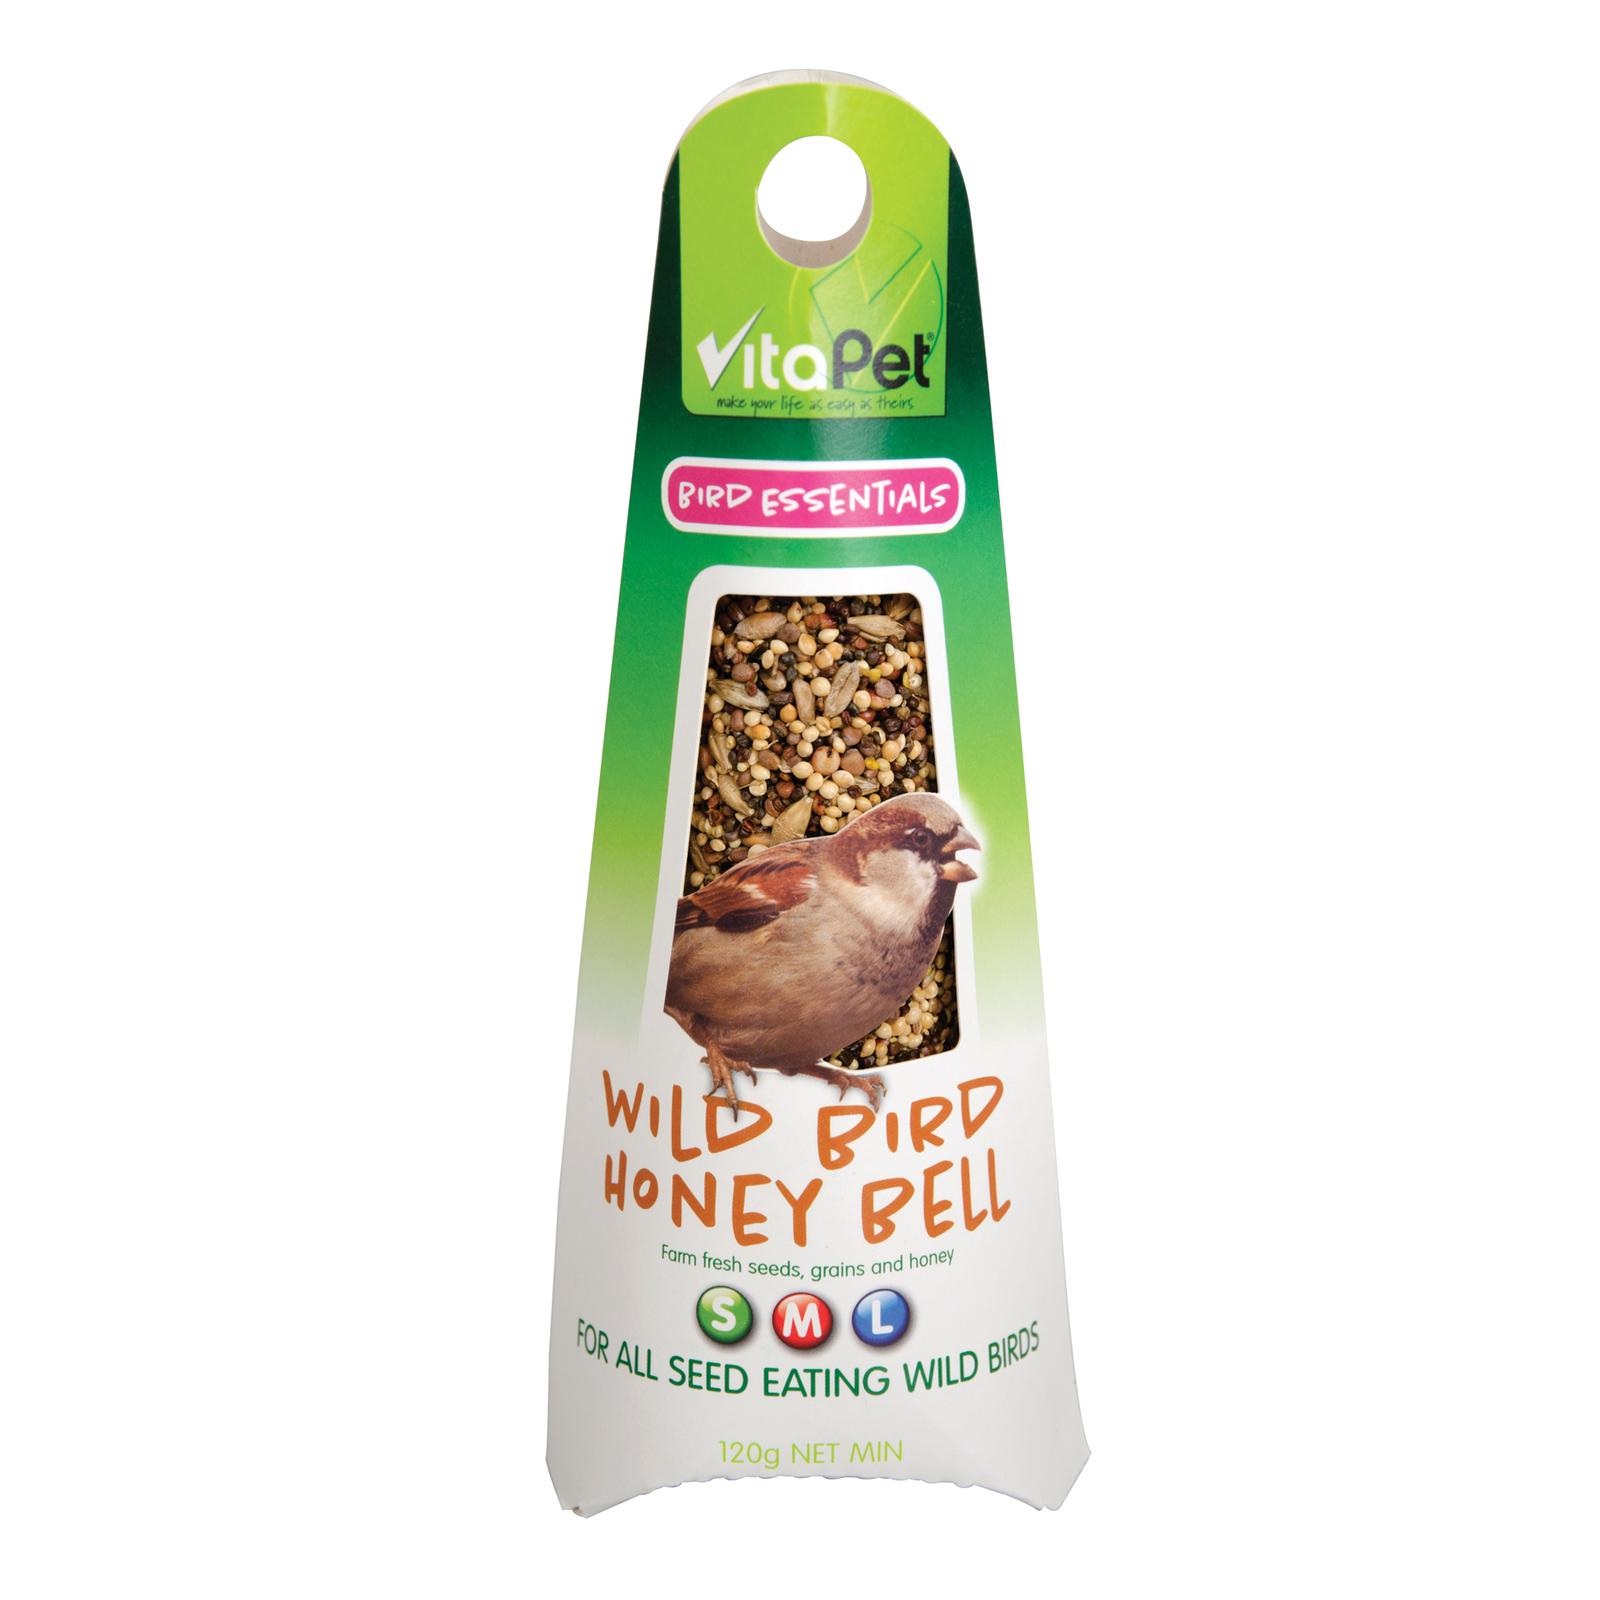 Vitapet: Honeybell Wild Bird image